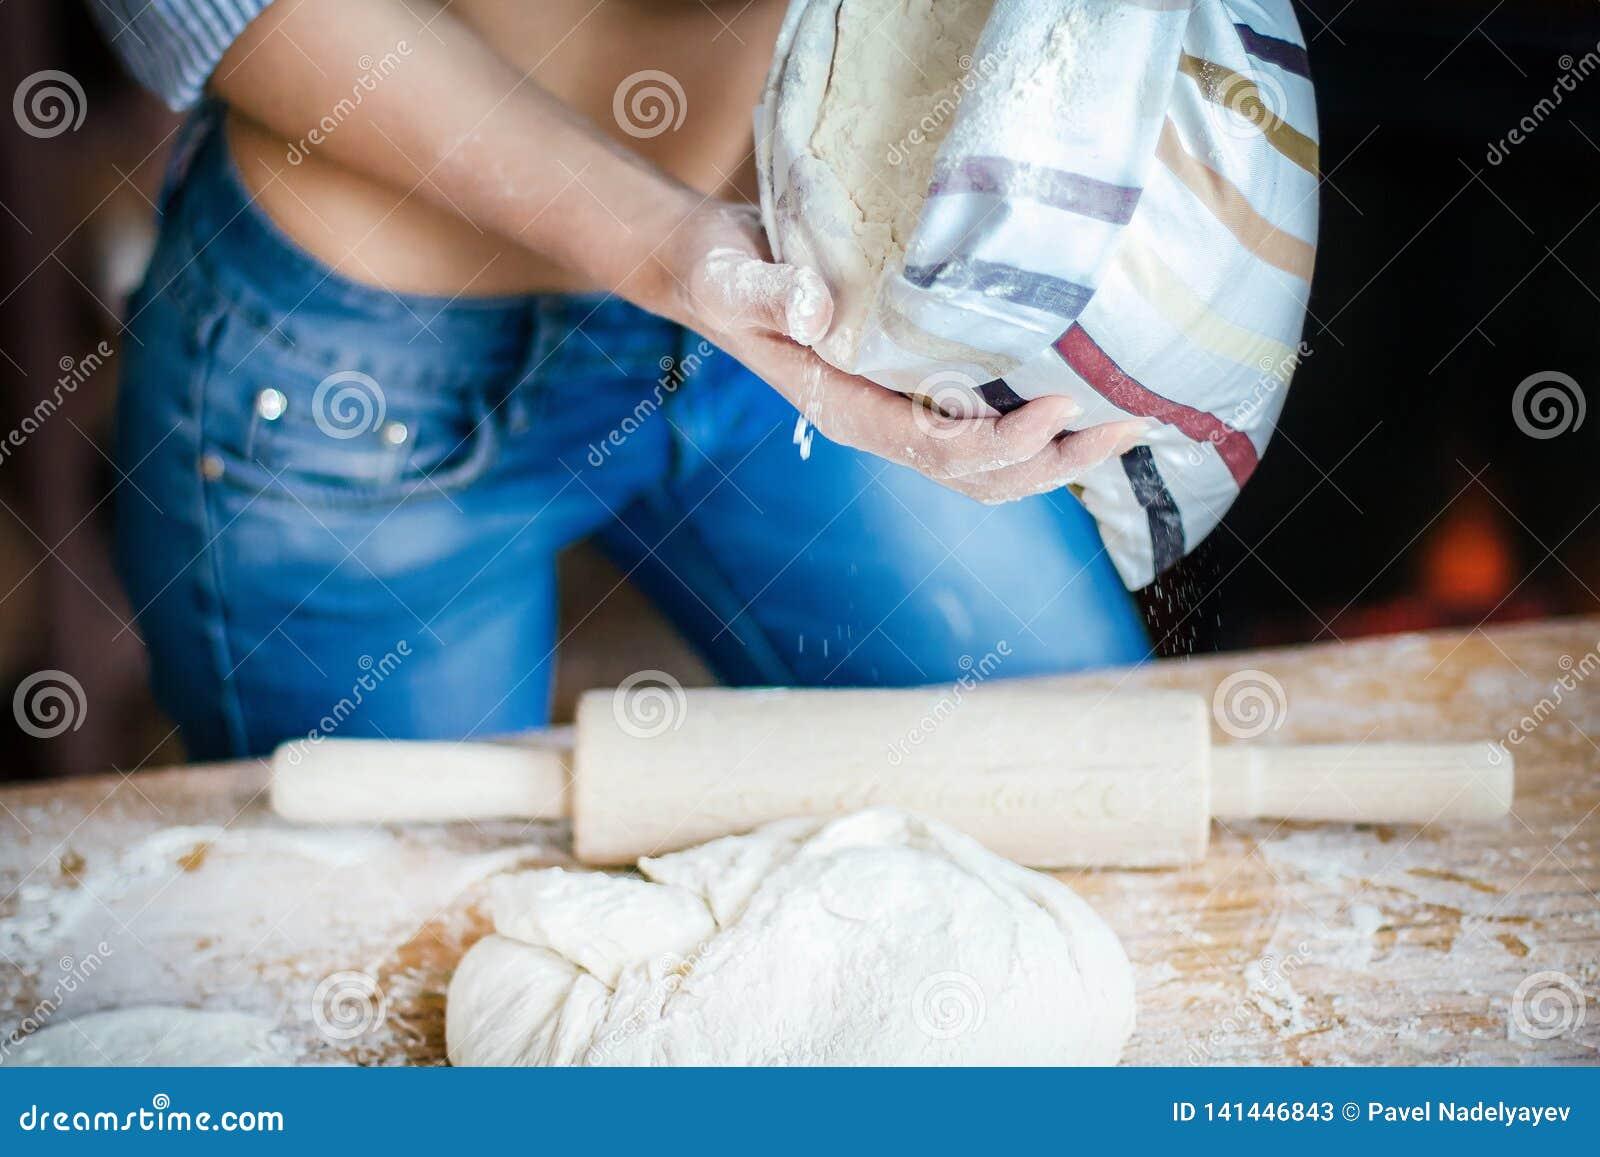 性感女孩腹部、面团、面粉袋子和滚针特写镜头  性感的年轻女人在厨房里准备面团